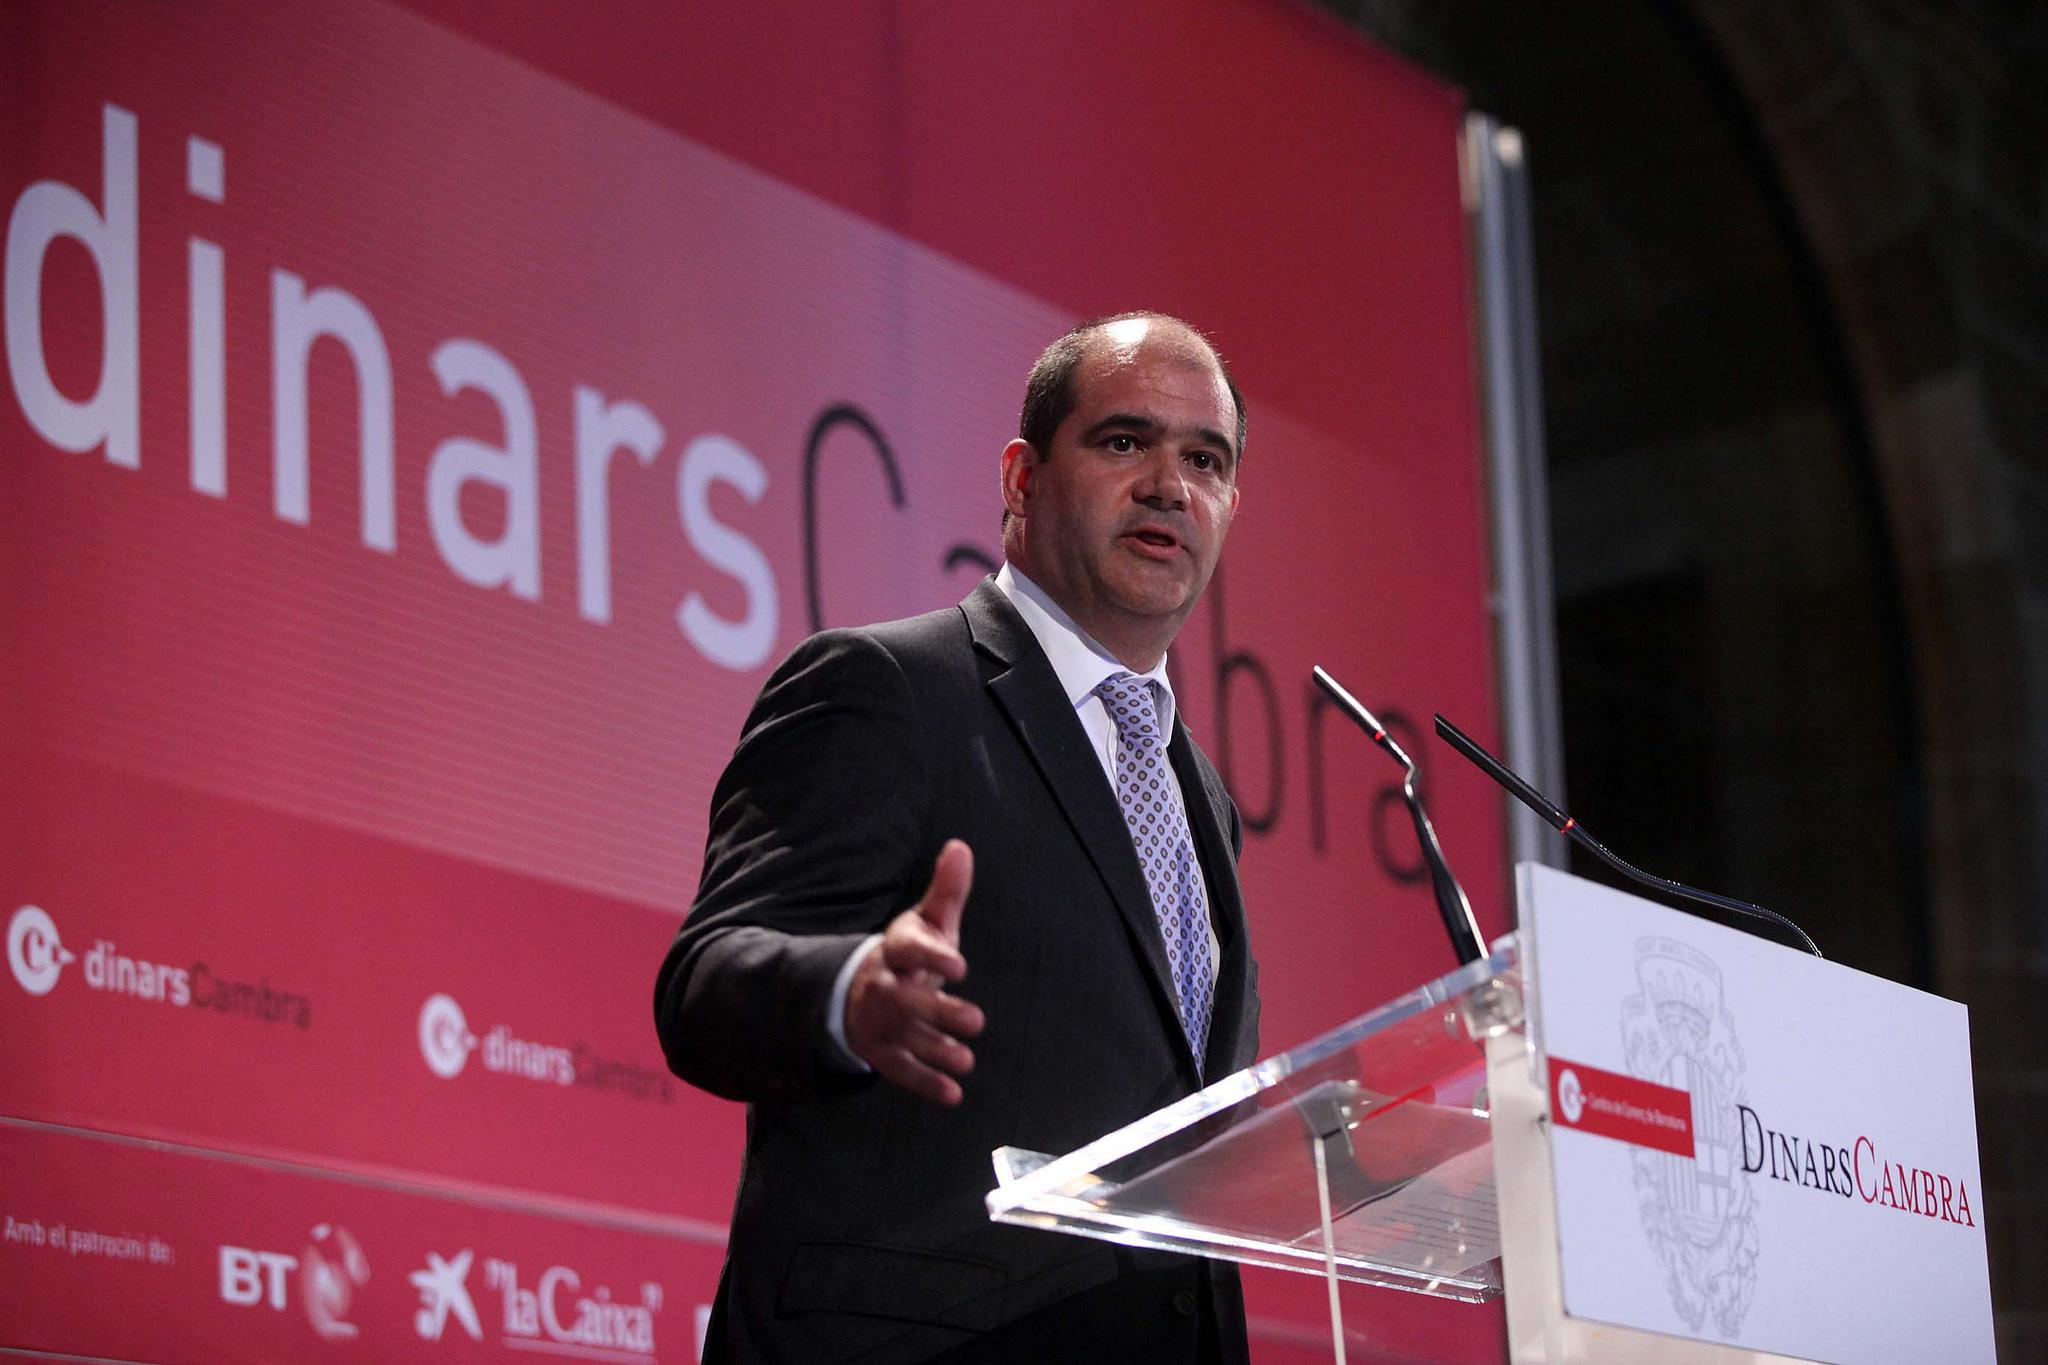 Jordi Sumarroca / Cambra de Comerç de BCN